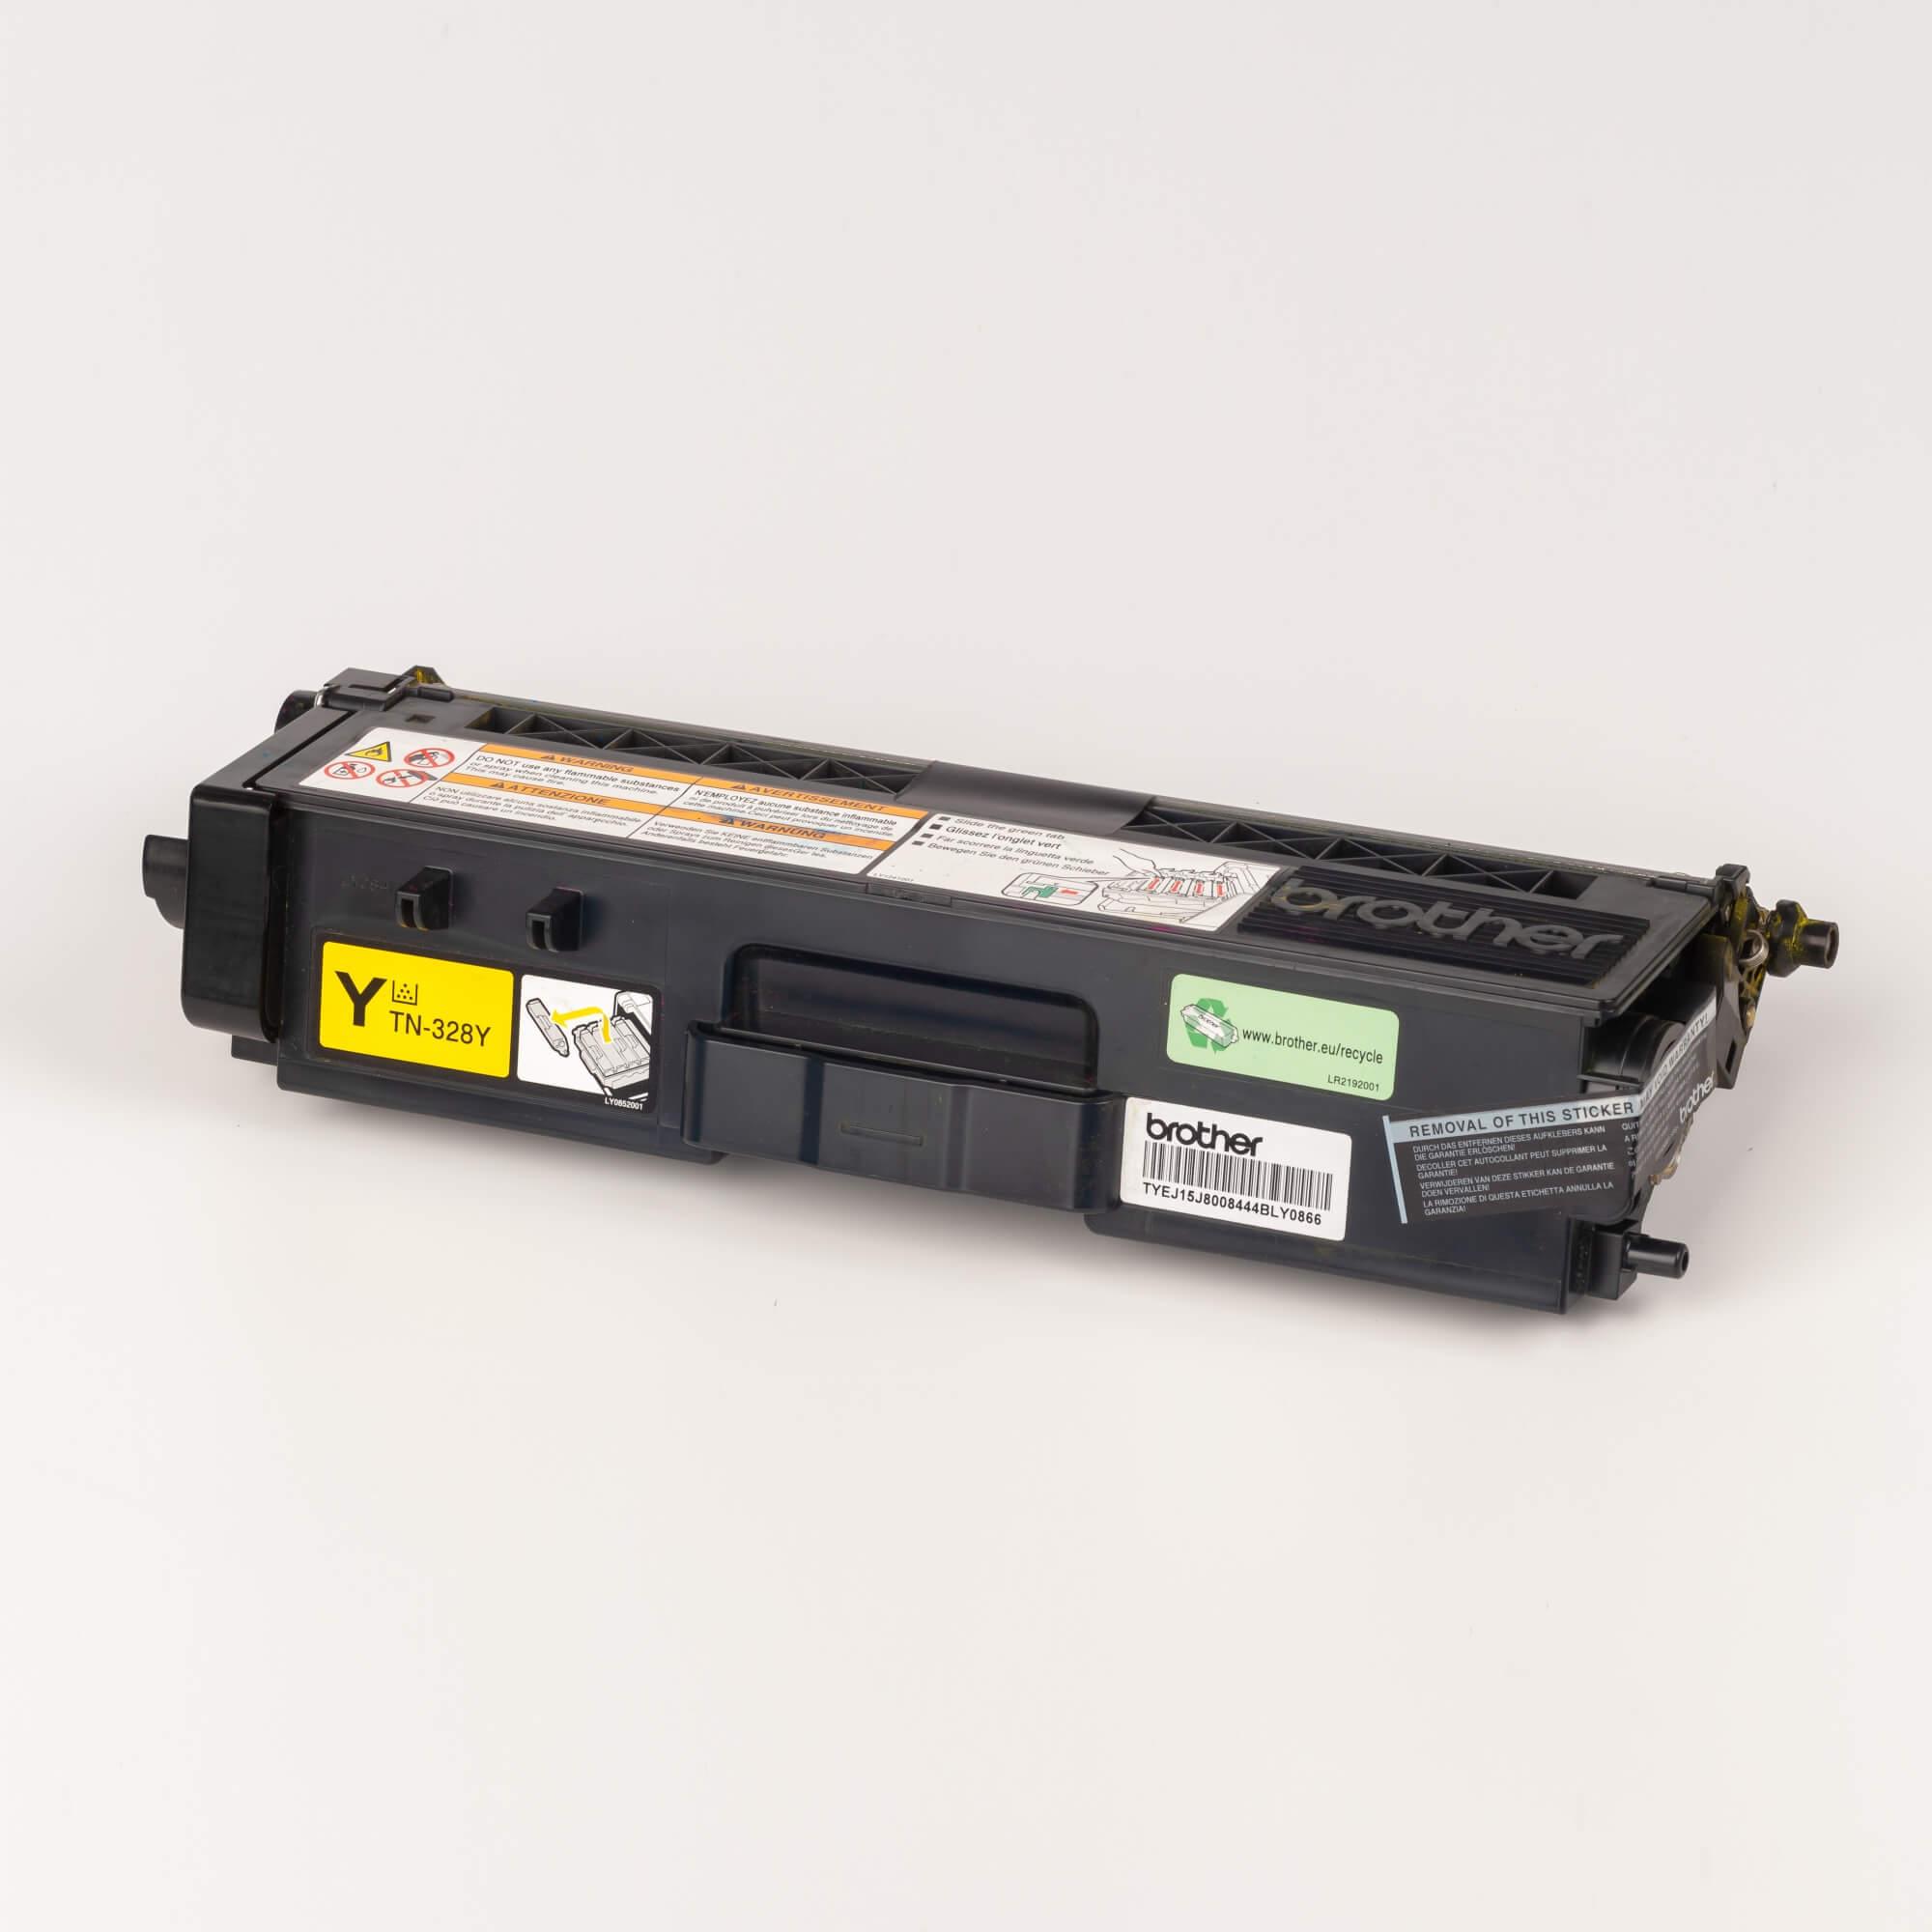 Auf dem Bild sehen Sie eine Brother Original Super-Jumbo-Tonerkassette TN-328Y gelb